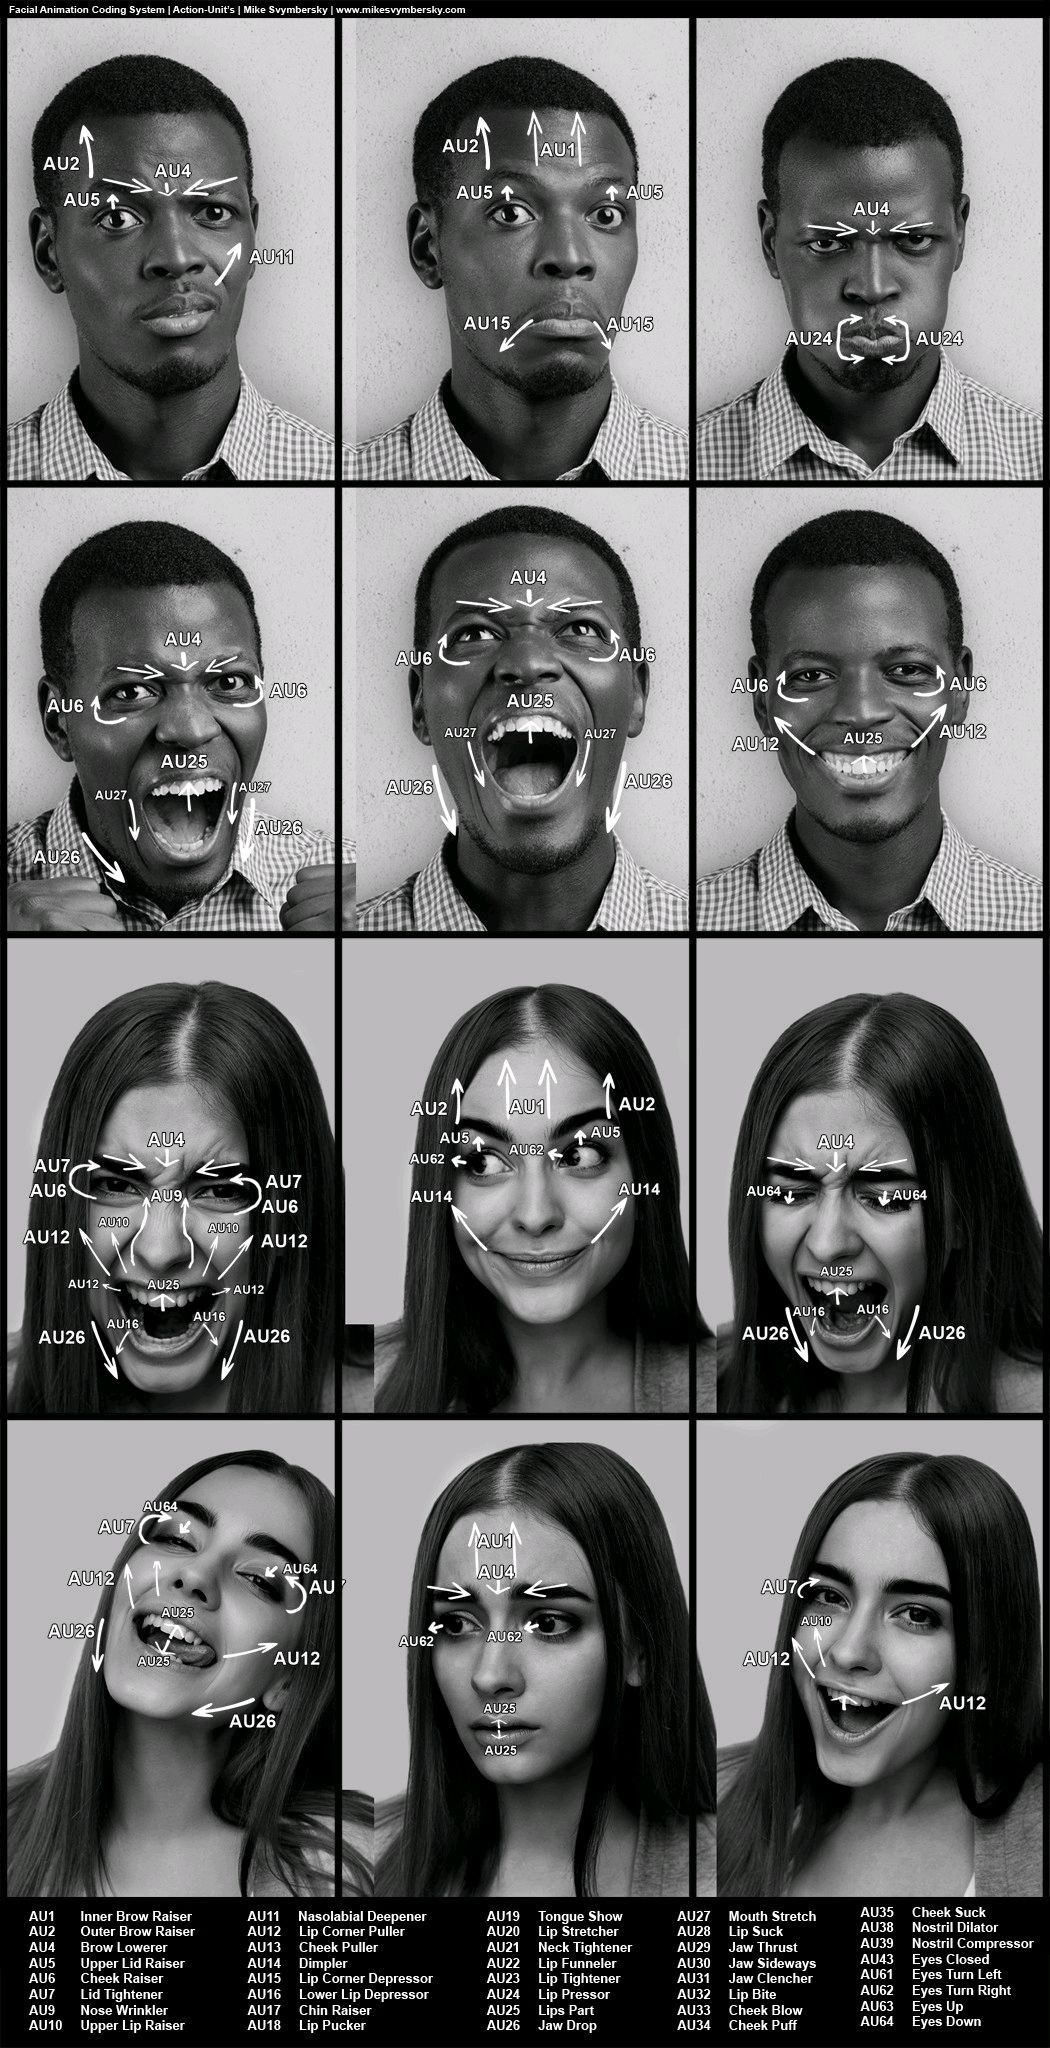 Pin de KitKipper en Head | Pinterest | Expresion, Anatomía y Faciales